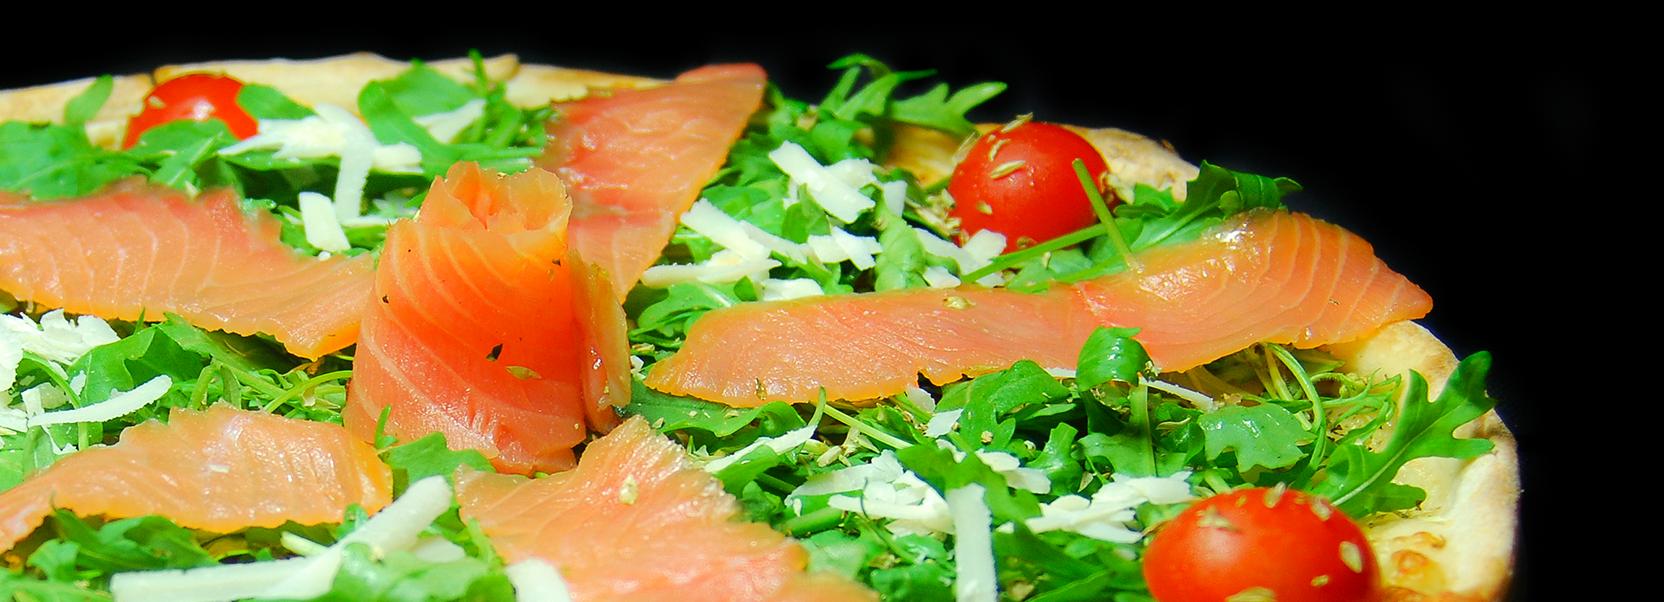 banner homepage pizzarium